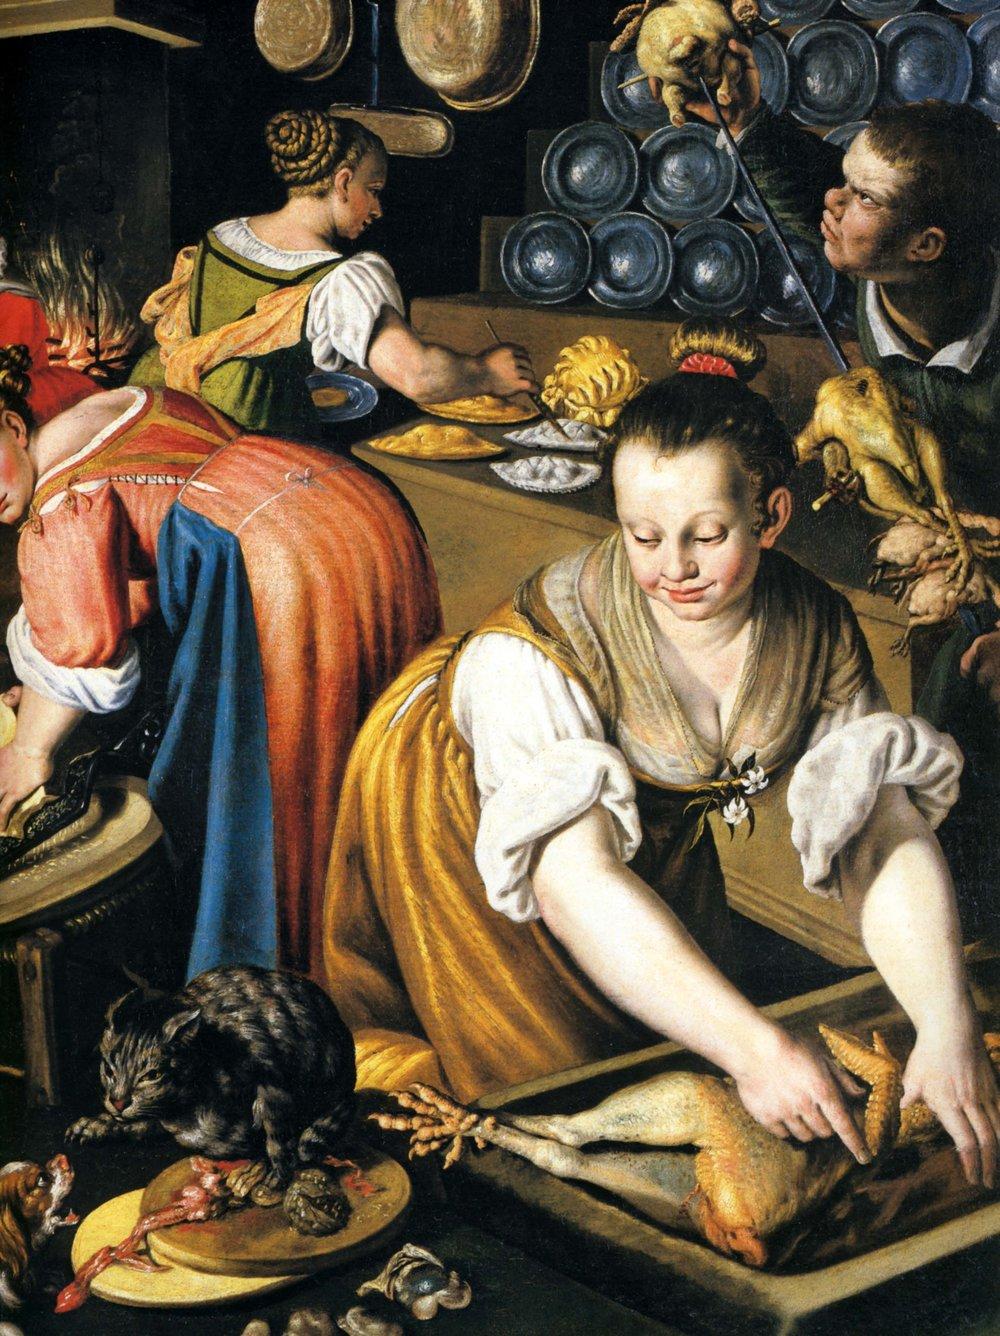 1600 vincenzo campi, la cuisine, détail droit